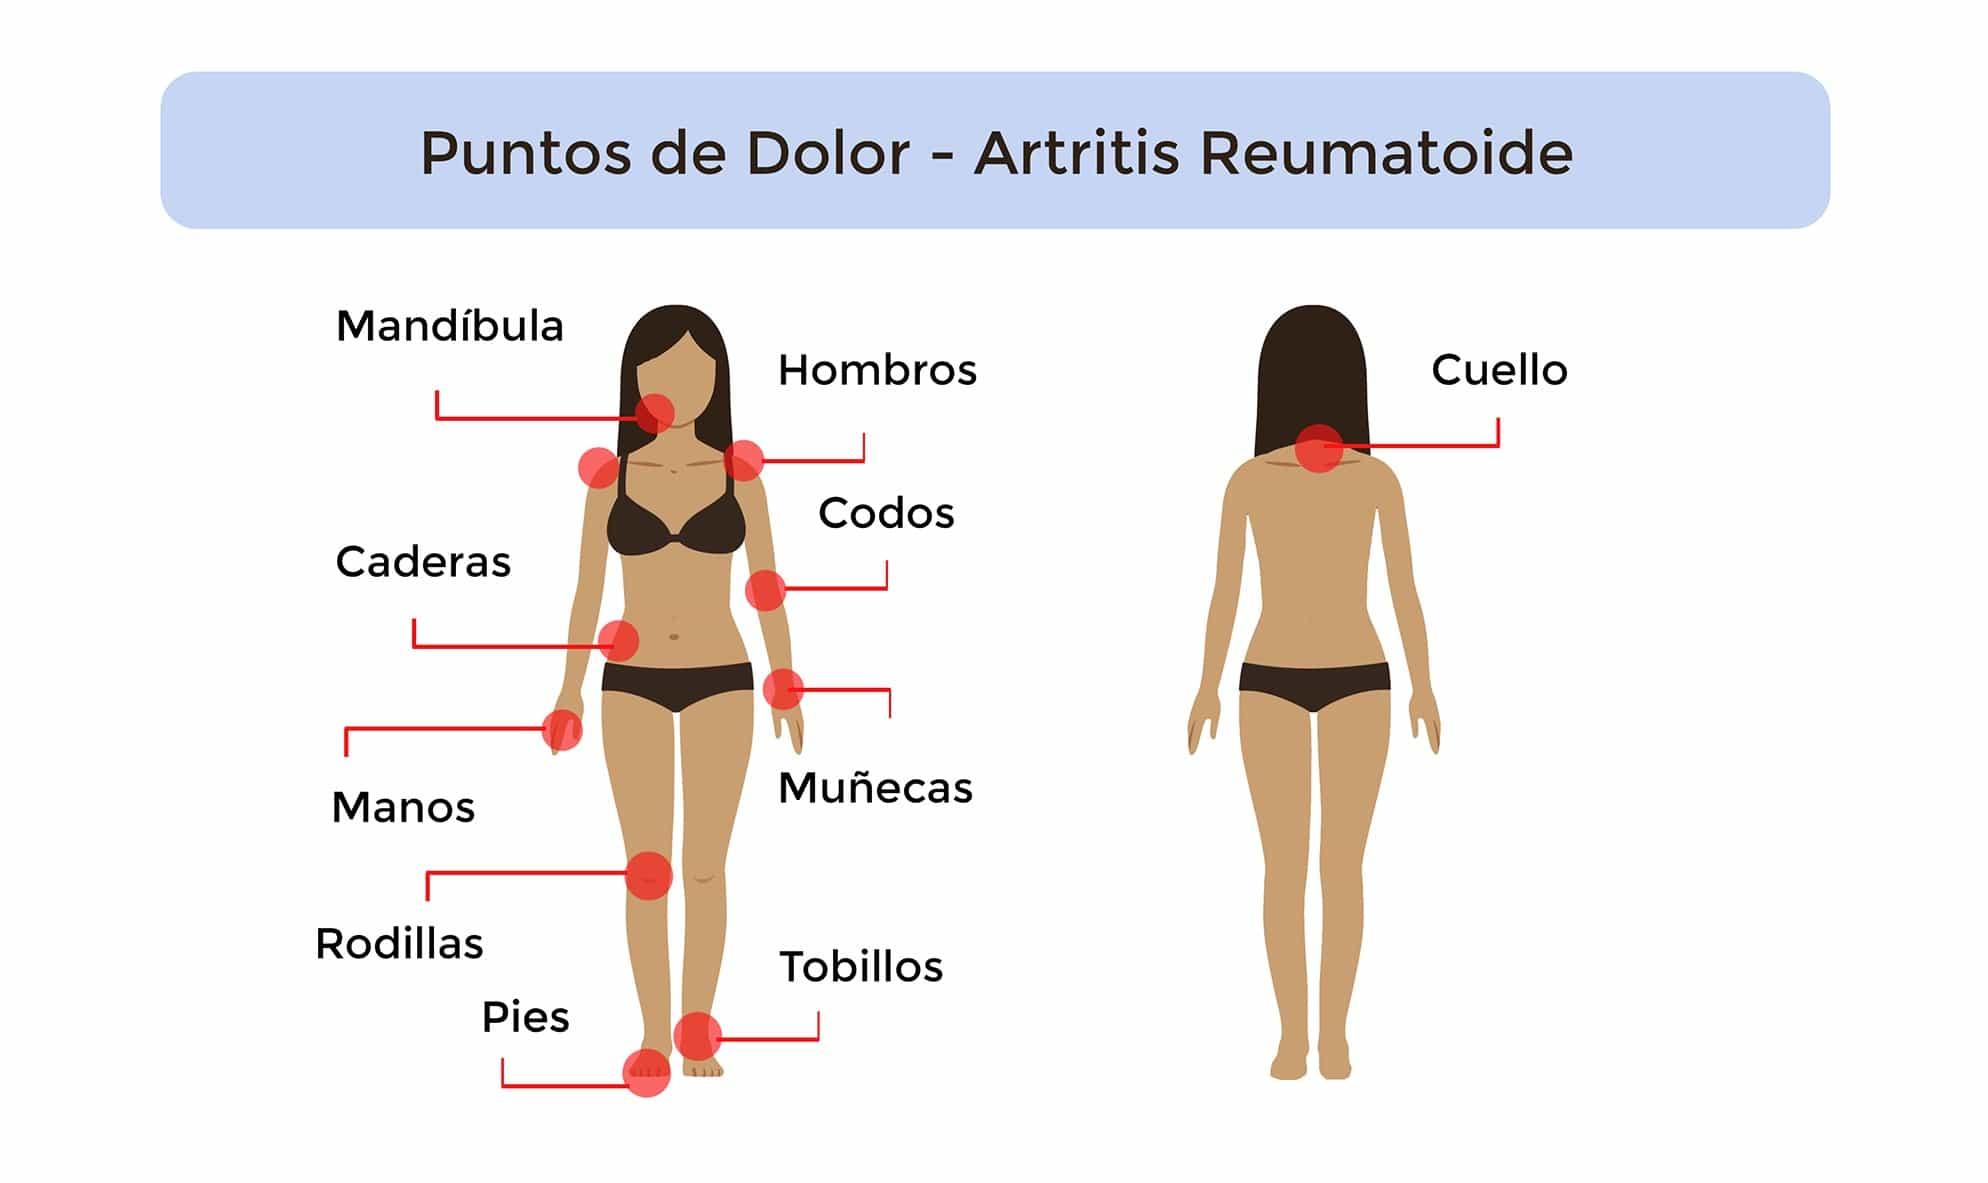 Artritis Reumatoide: Qué es, Síntomas, Causas, Tratamiento..